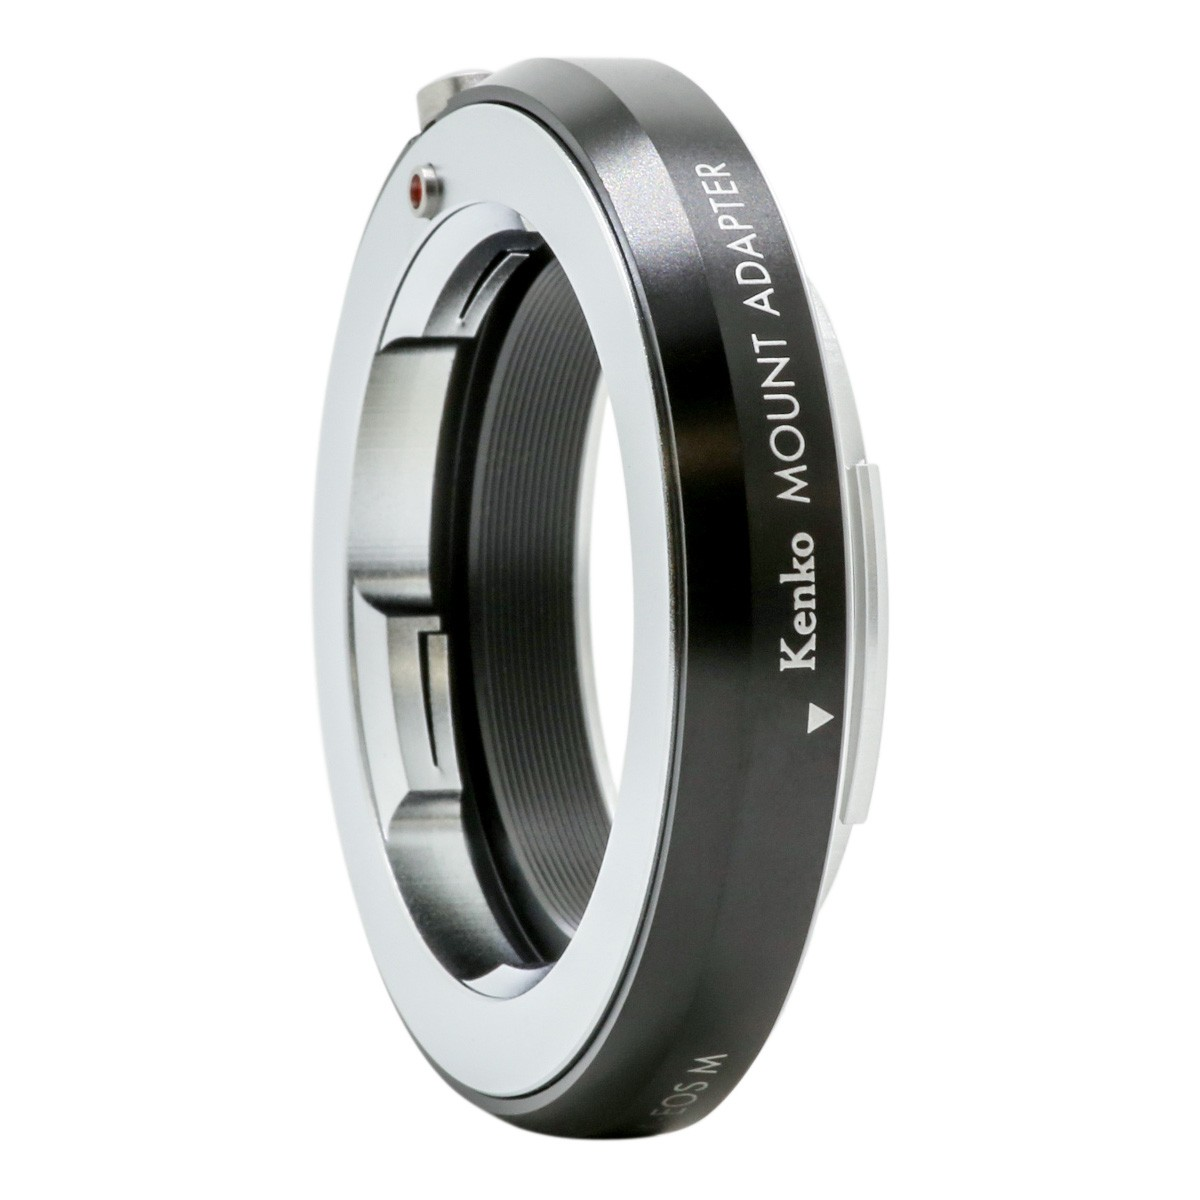 KENKO - Bague d'adaptation pour optiques en monture Leica M vers Canon EOS-M.